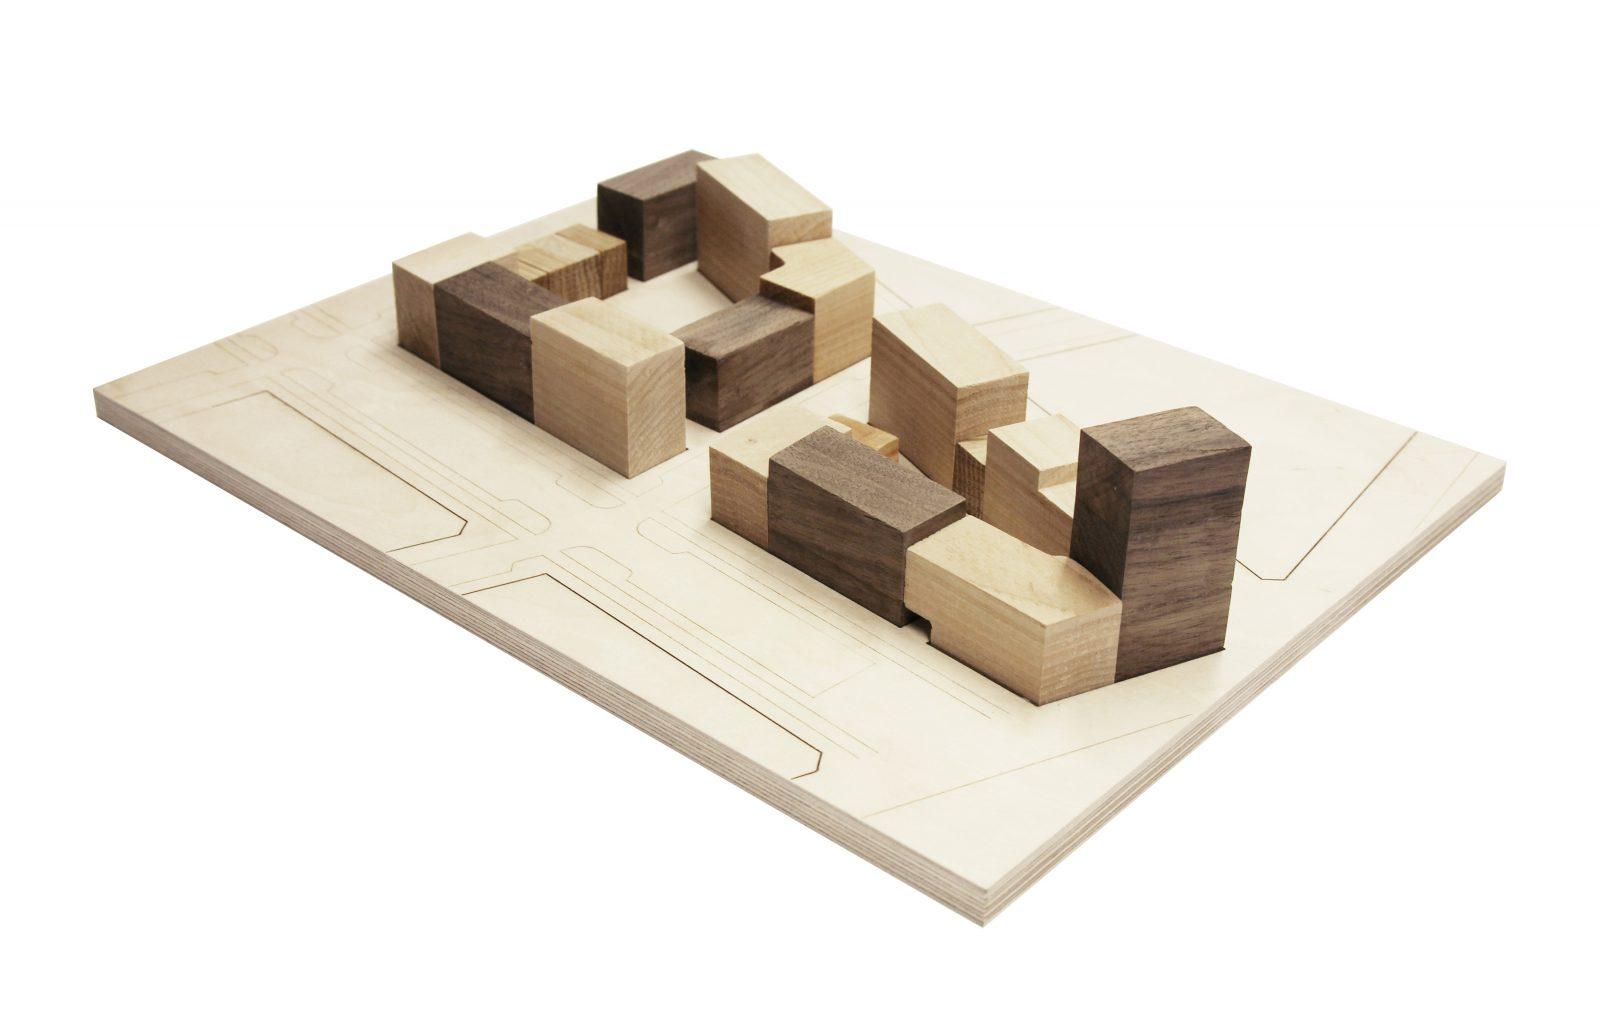 KjellanderSjoberg Driftwood Arstafaltet model 02